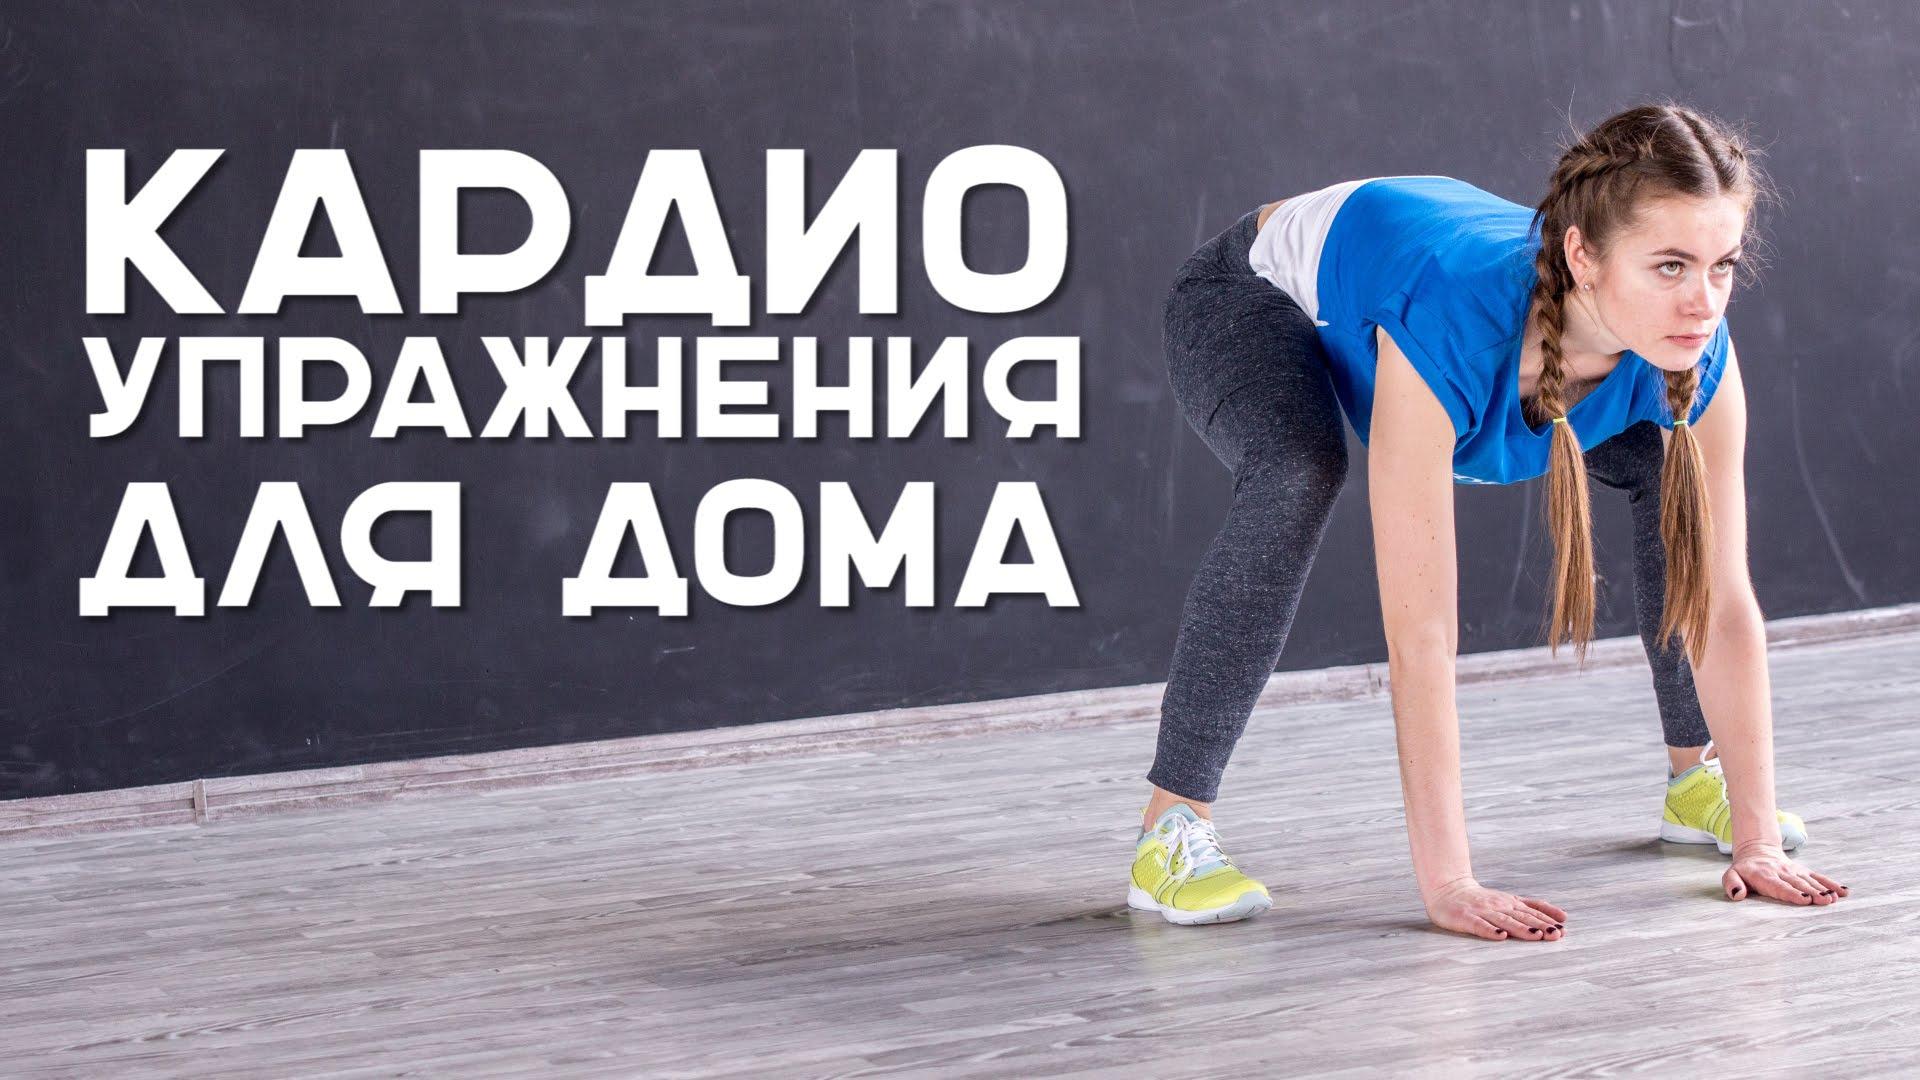 Кардиотренировки для сжигания жира в домашних условиях для женщин: польза и вред кардио тренировок для похудения дома